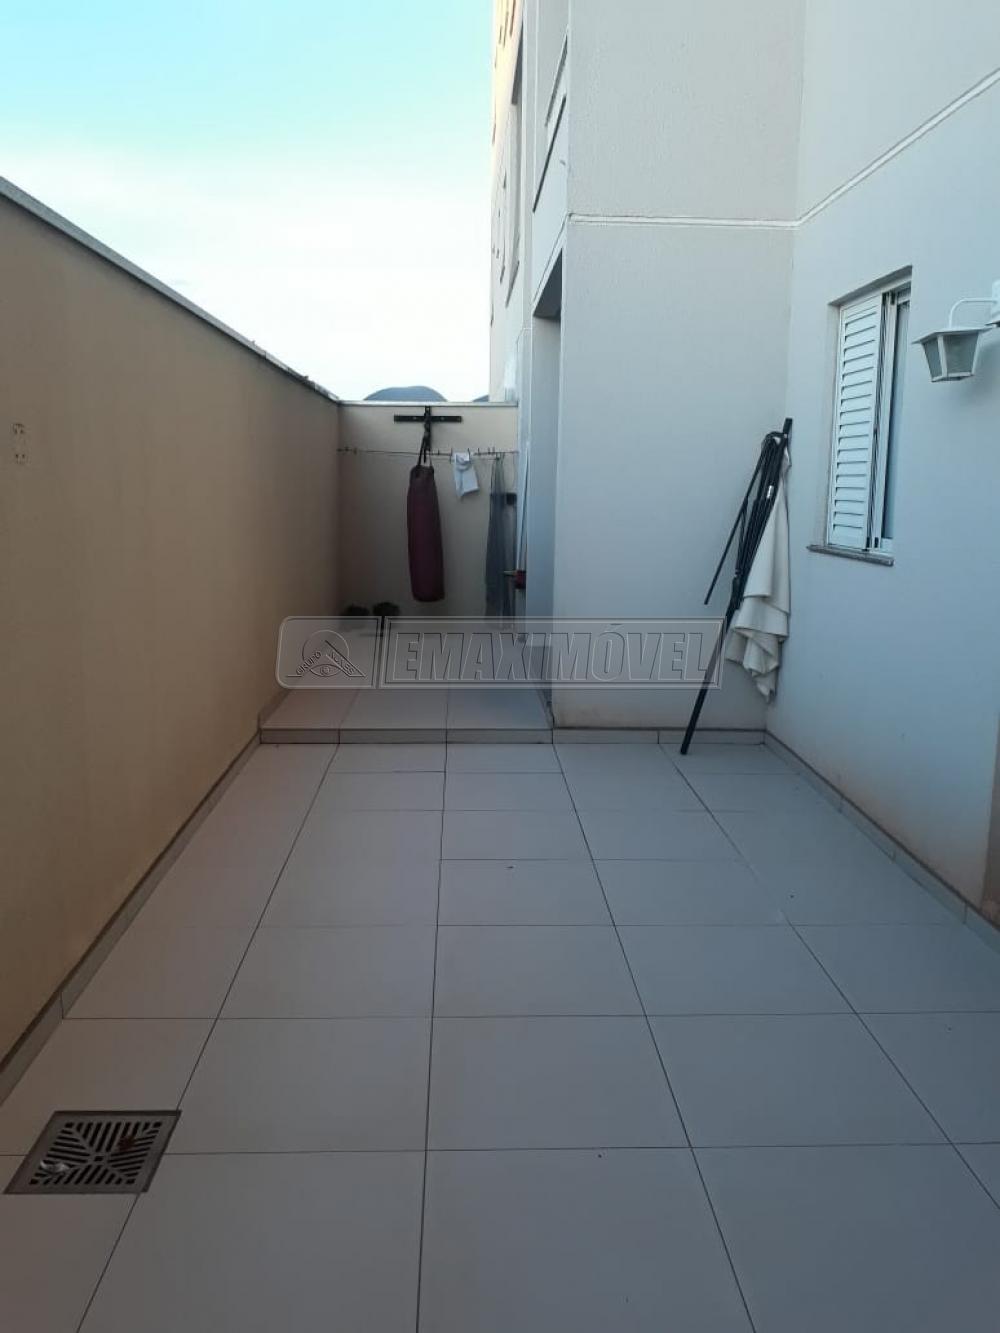 Alugar Apartamentos / Apto Padrão em Sorocaba apenas R$ 1.050,00 - Foto 11